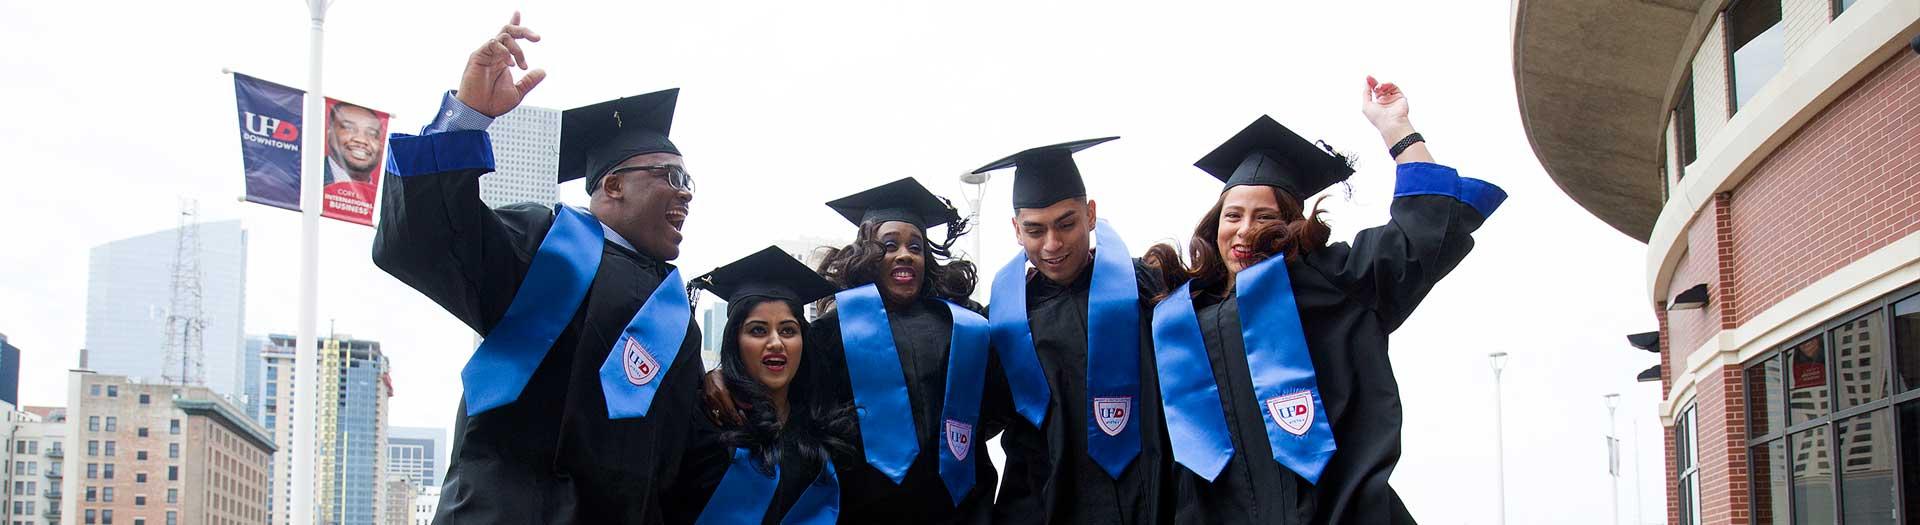 Graduates jumping up